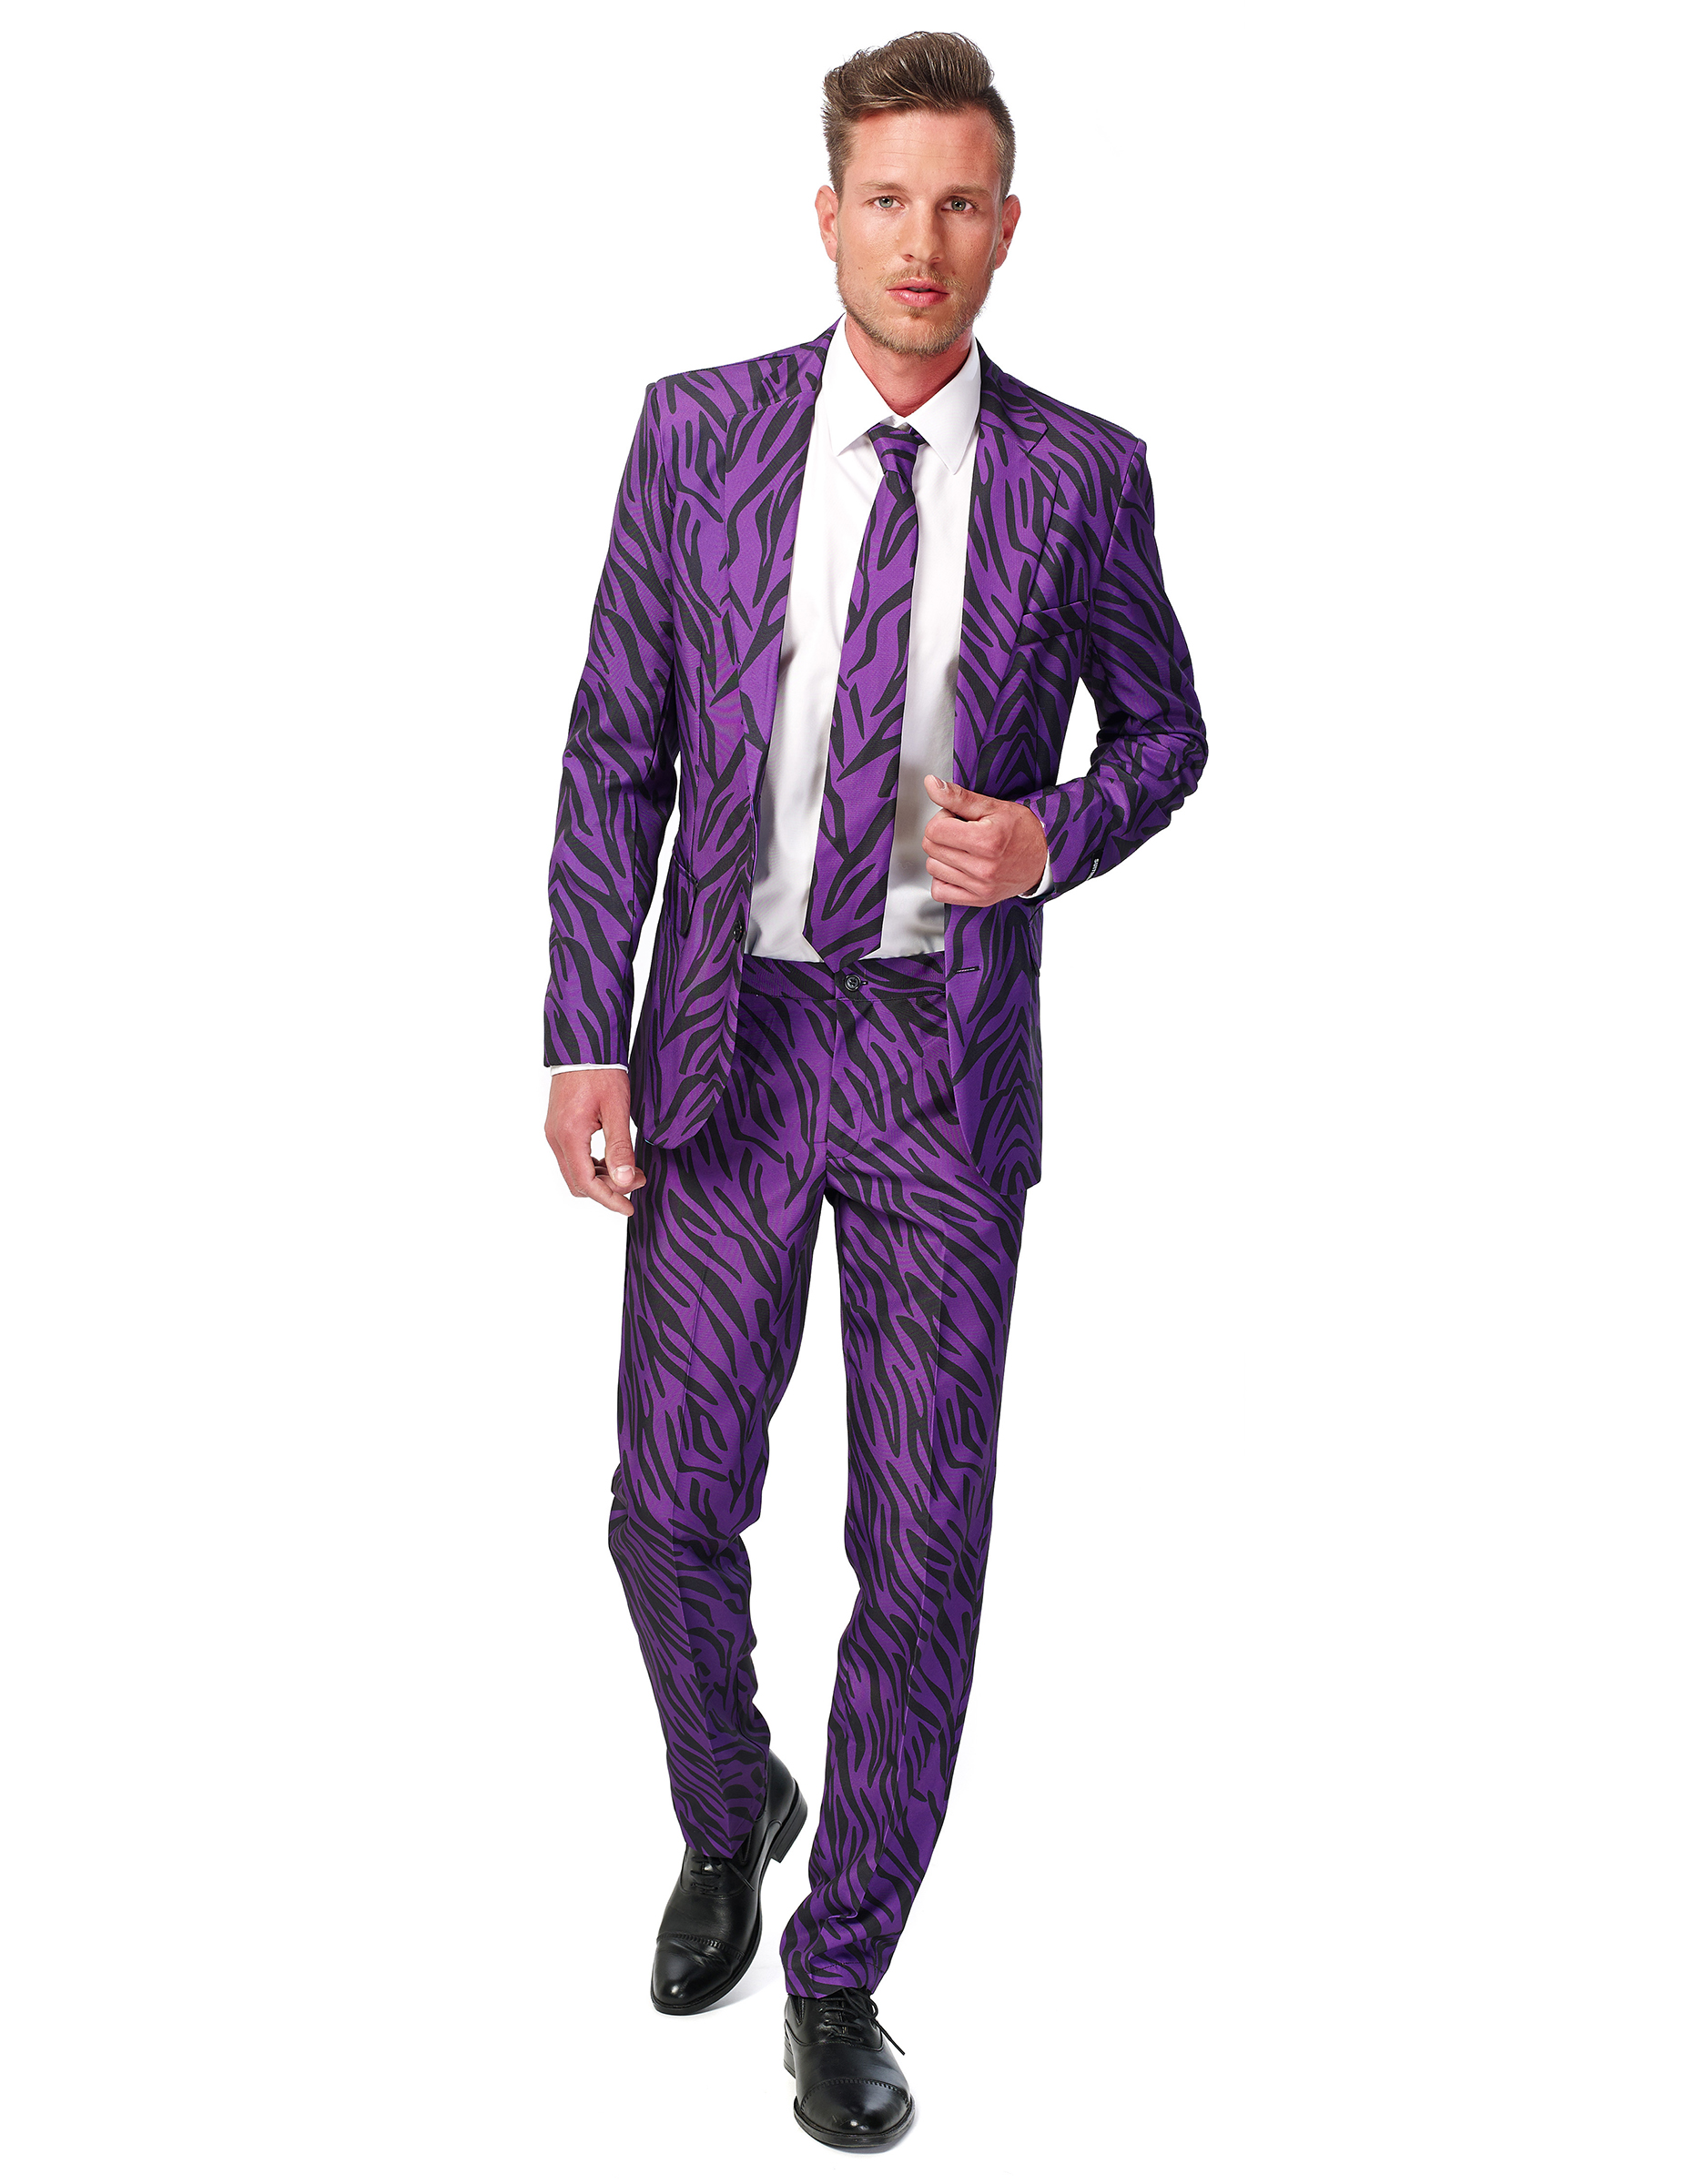 Kostuum Heren.Paars Tijger Kostuum Voor Heren Suitmeister